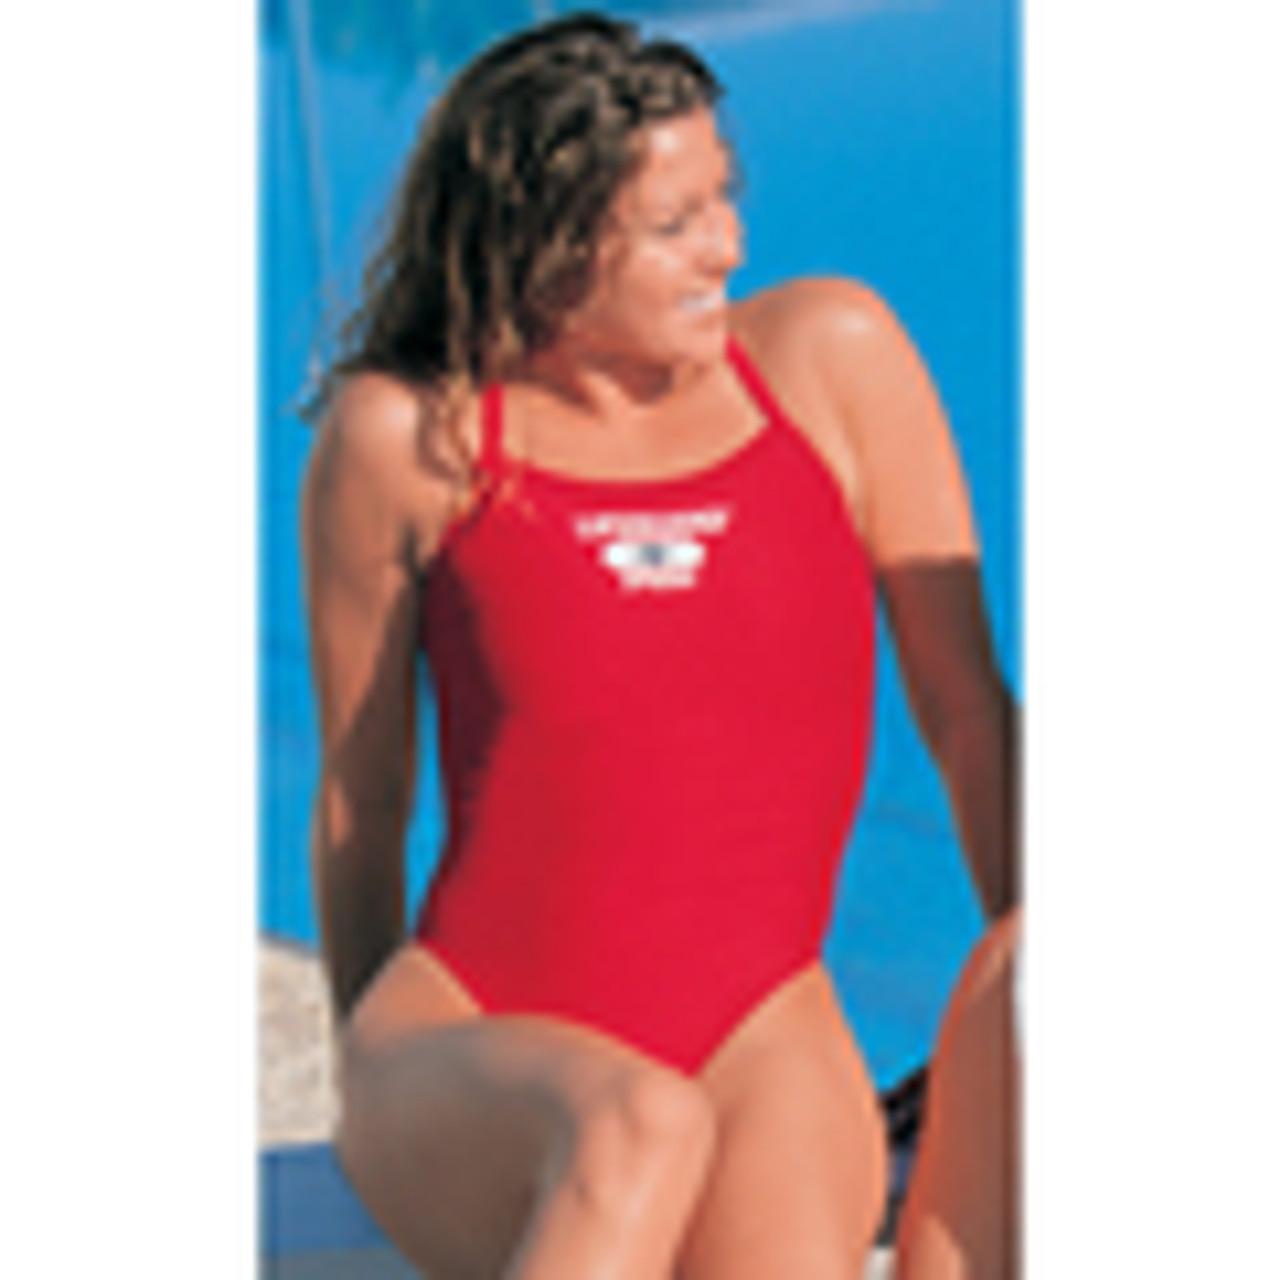 Lifeguard Suits